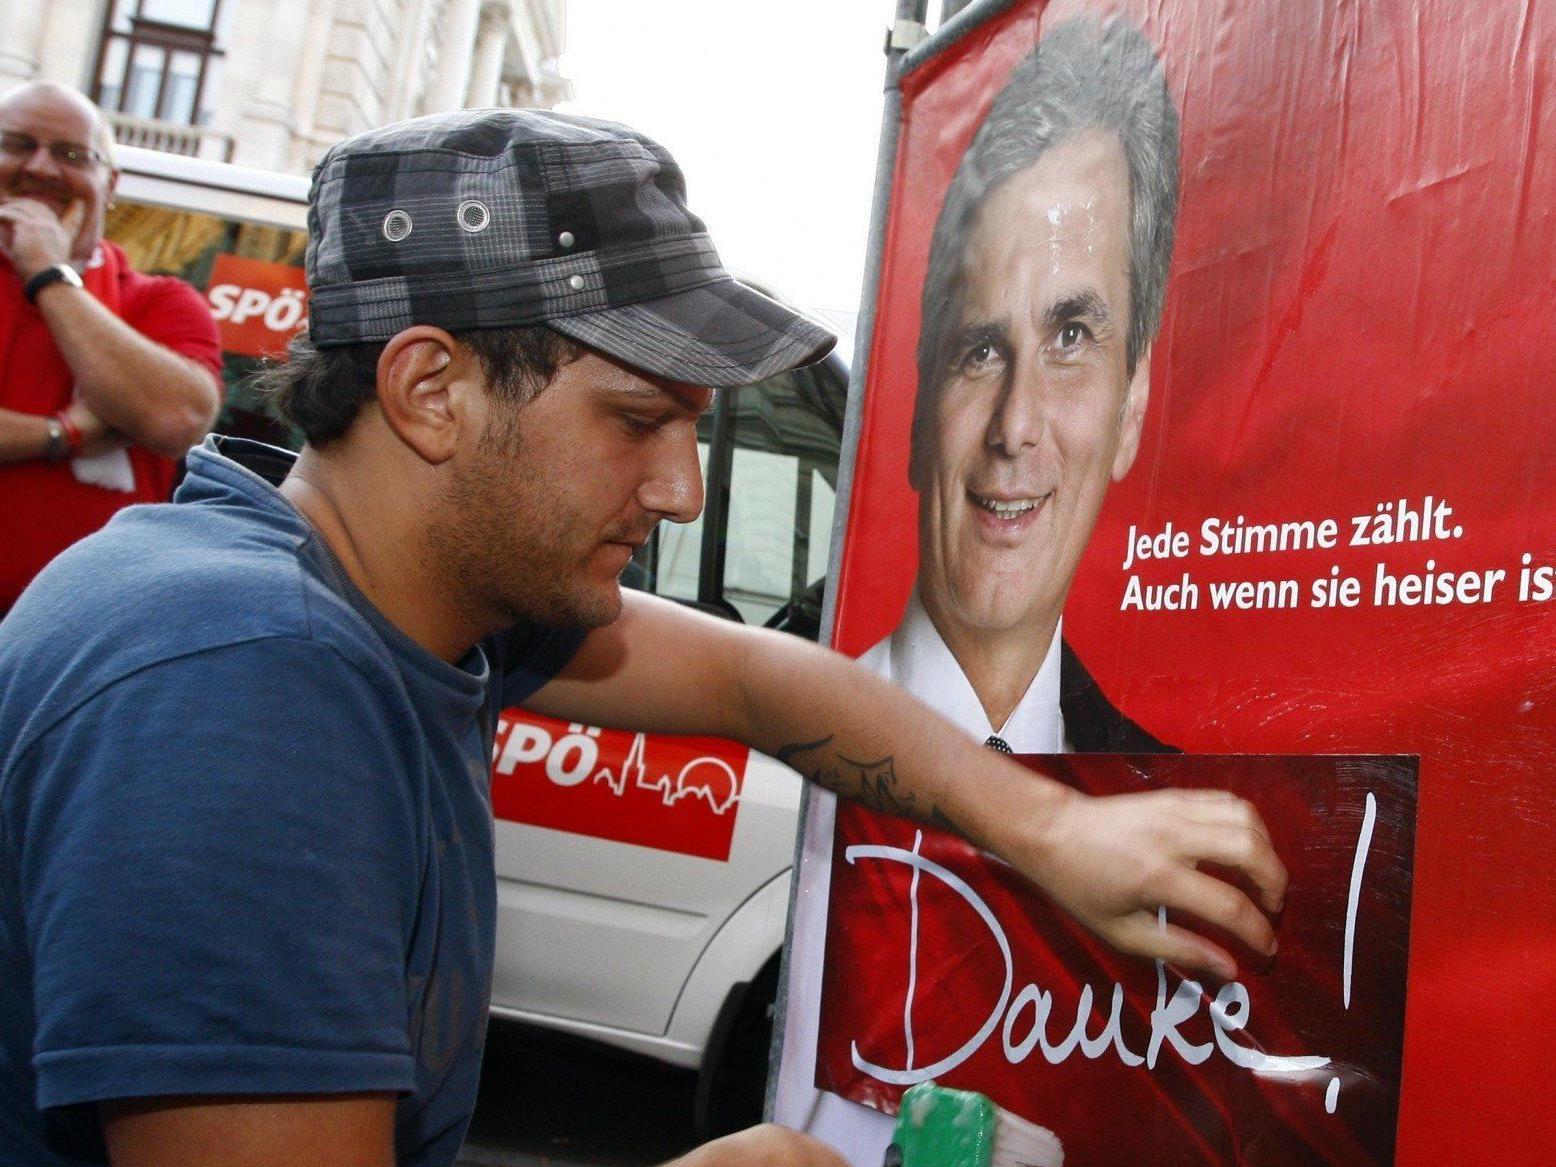 Die Dreiecksständer werden in Wien nicht reduziert. Im Bild ein Plakat von der Nationalratswahl 2008.